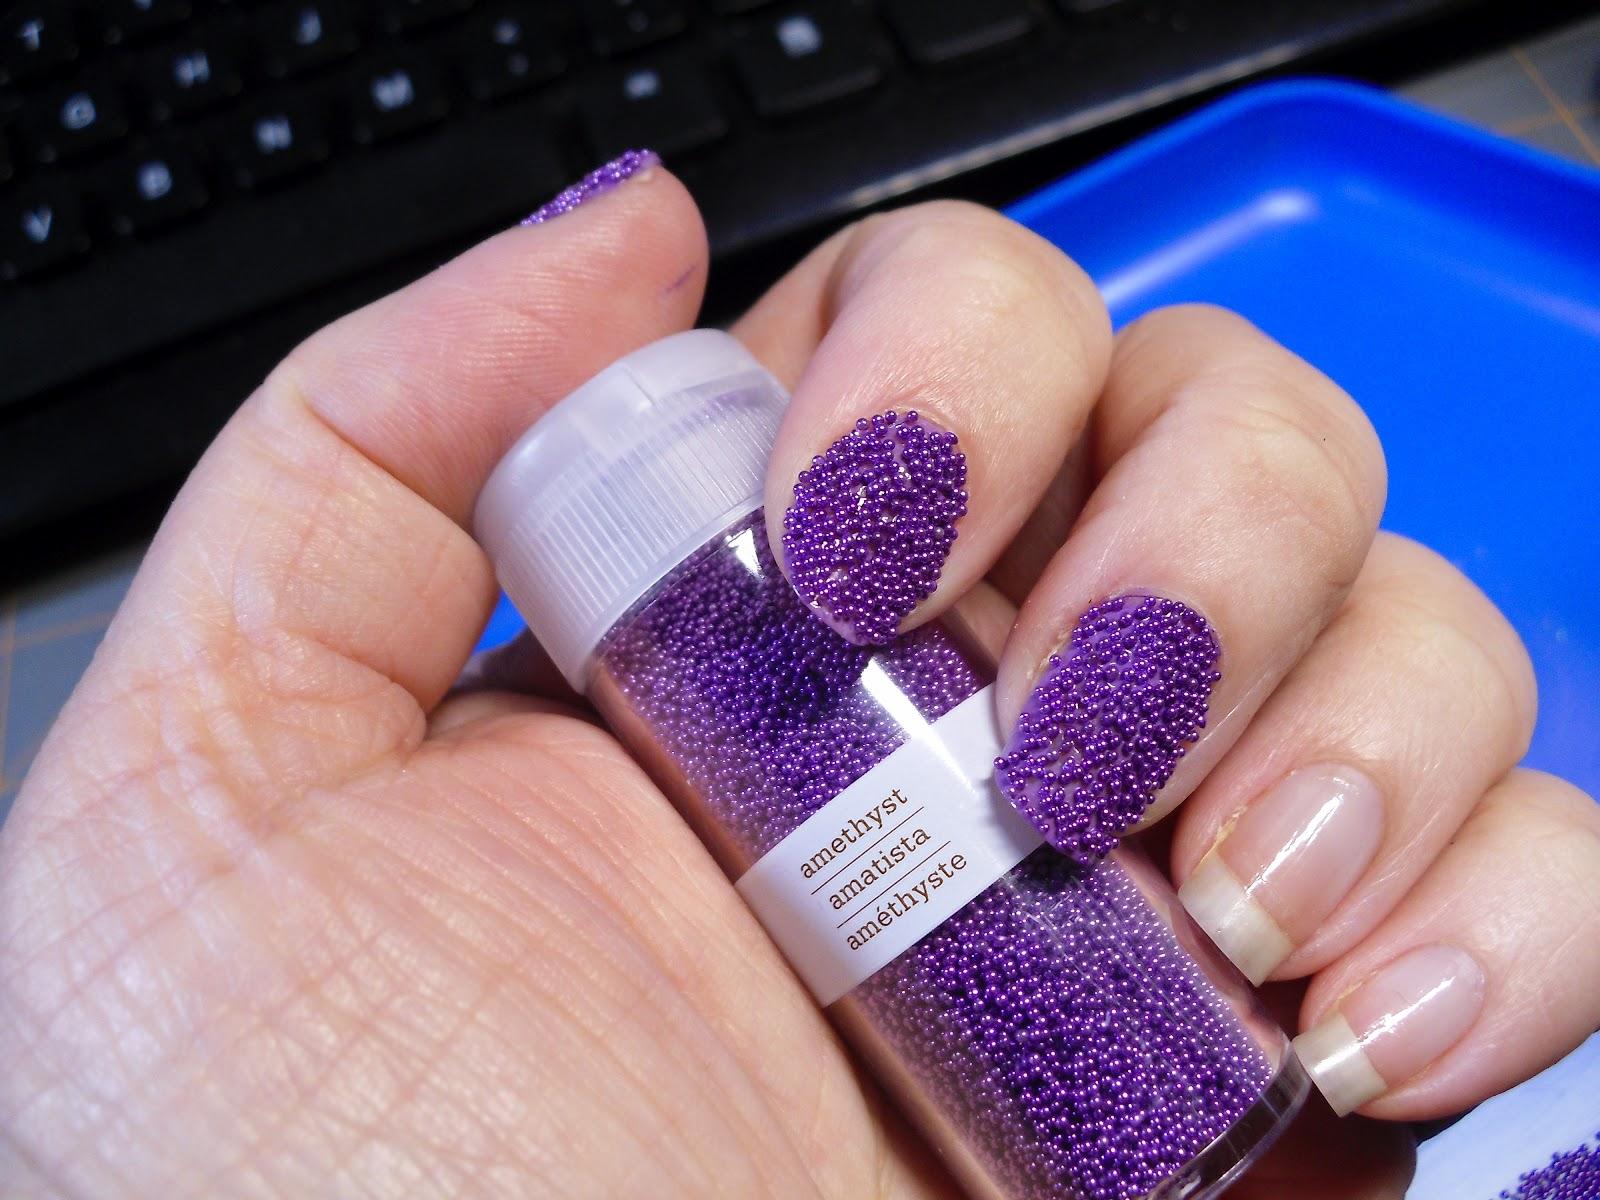 clever soiree caviar nails using martha stewart micro